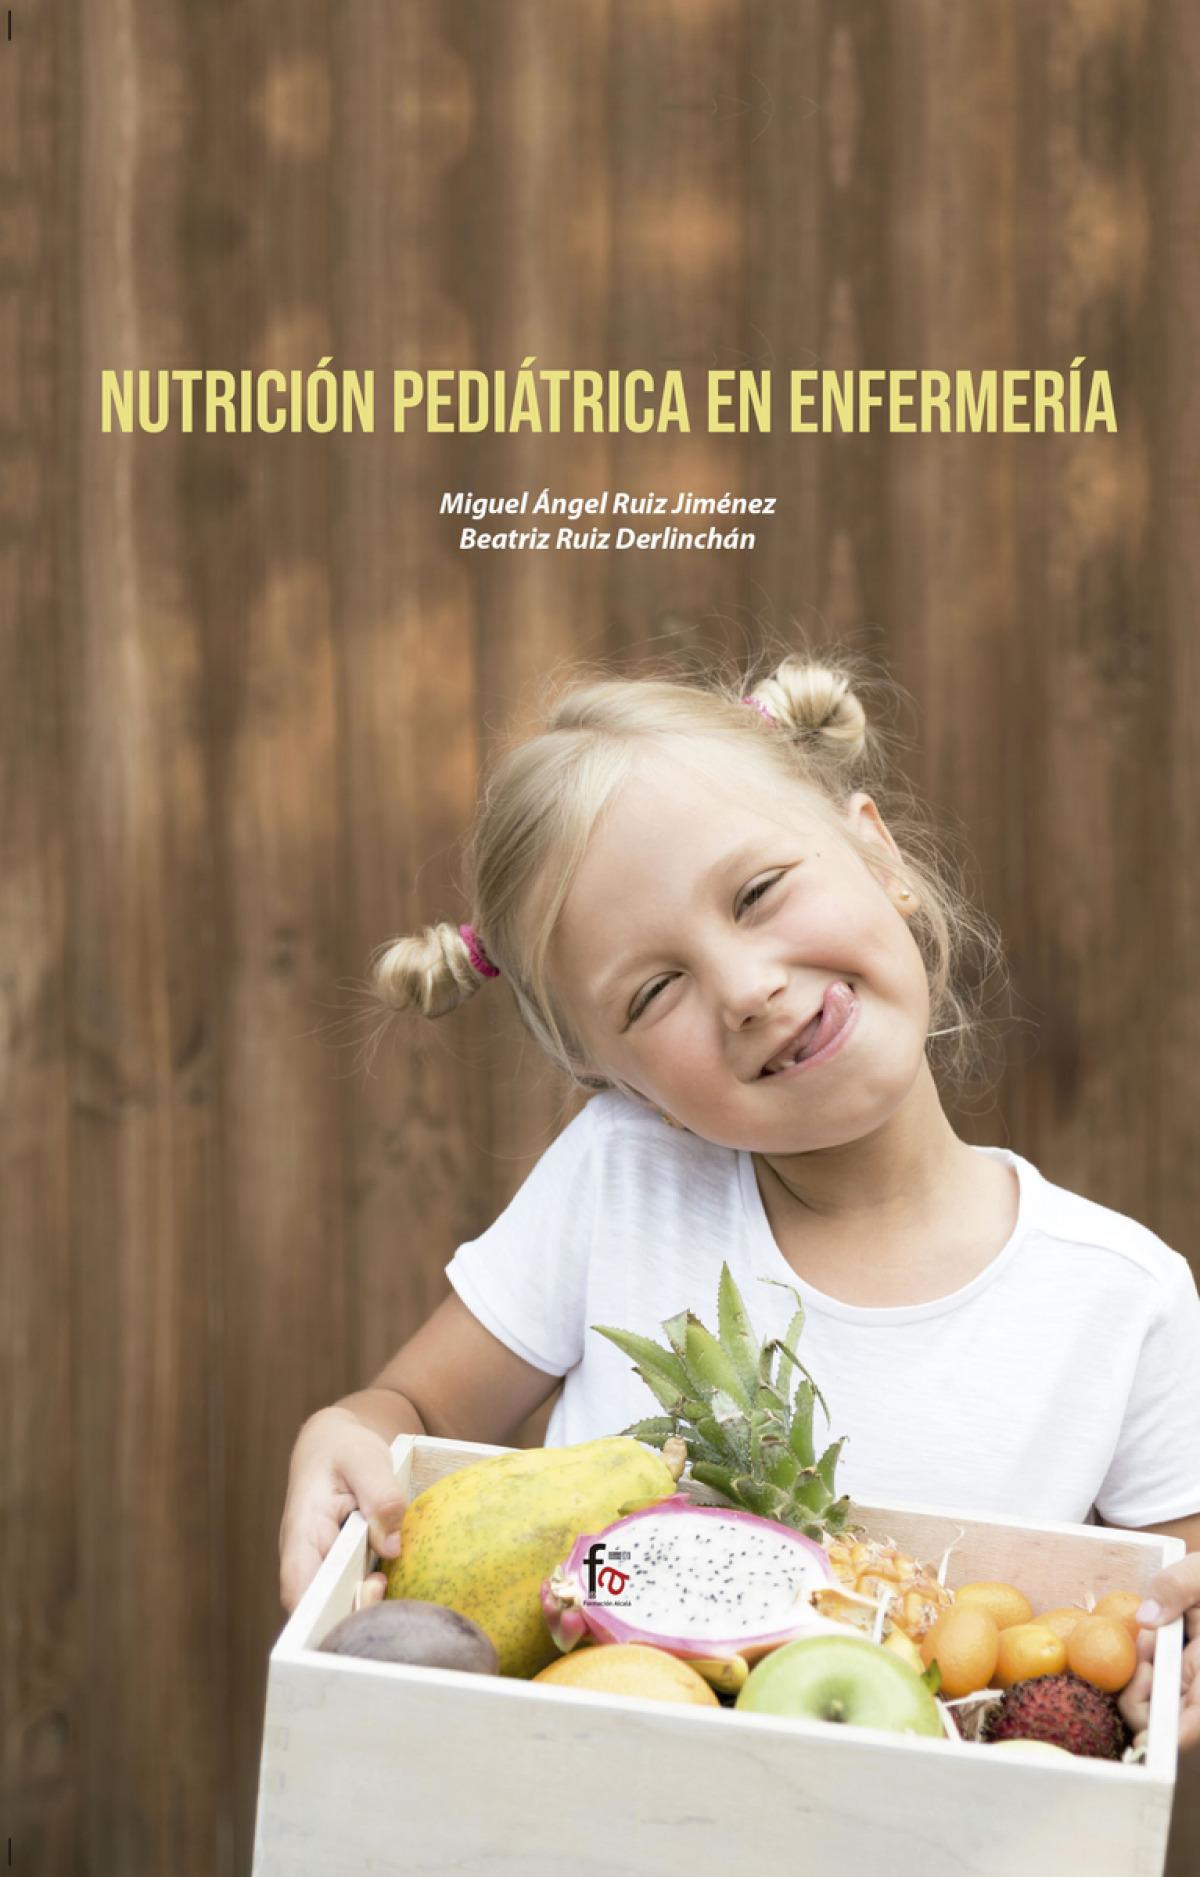 NUTRICIÓN PEDIÁTRICA EN ENFERMERÍA